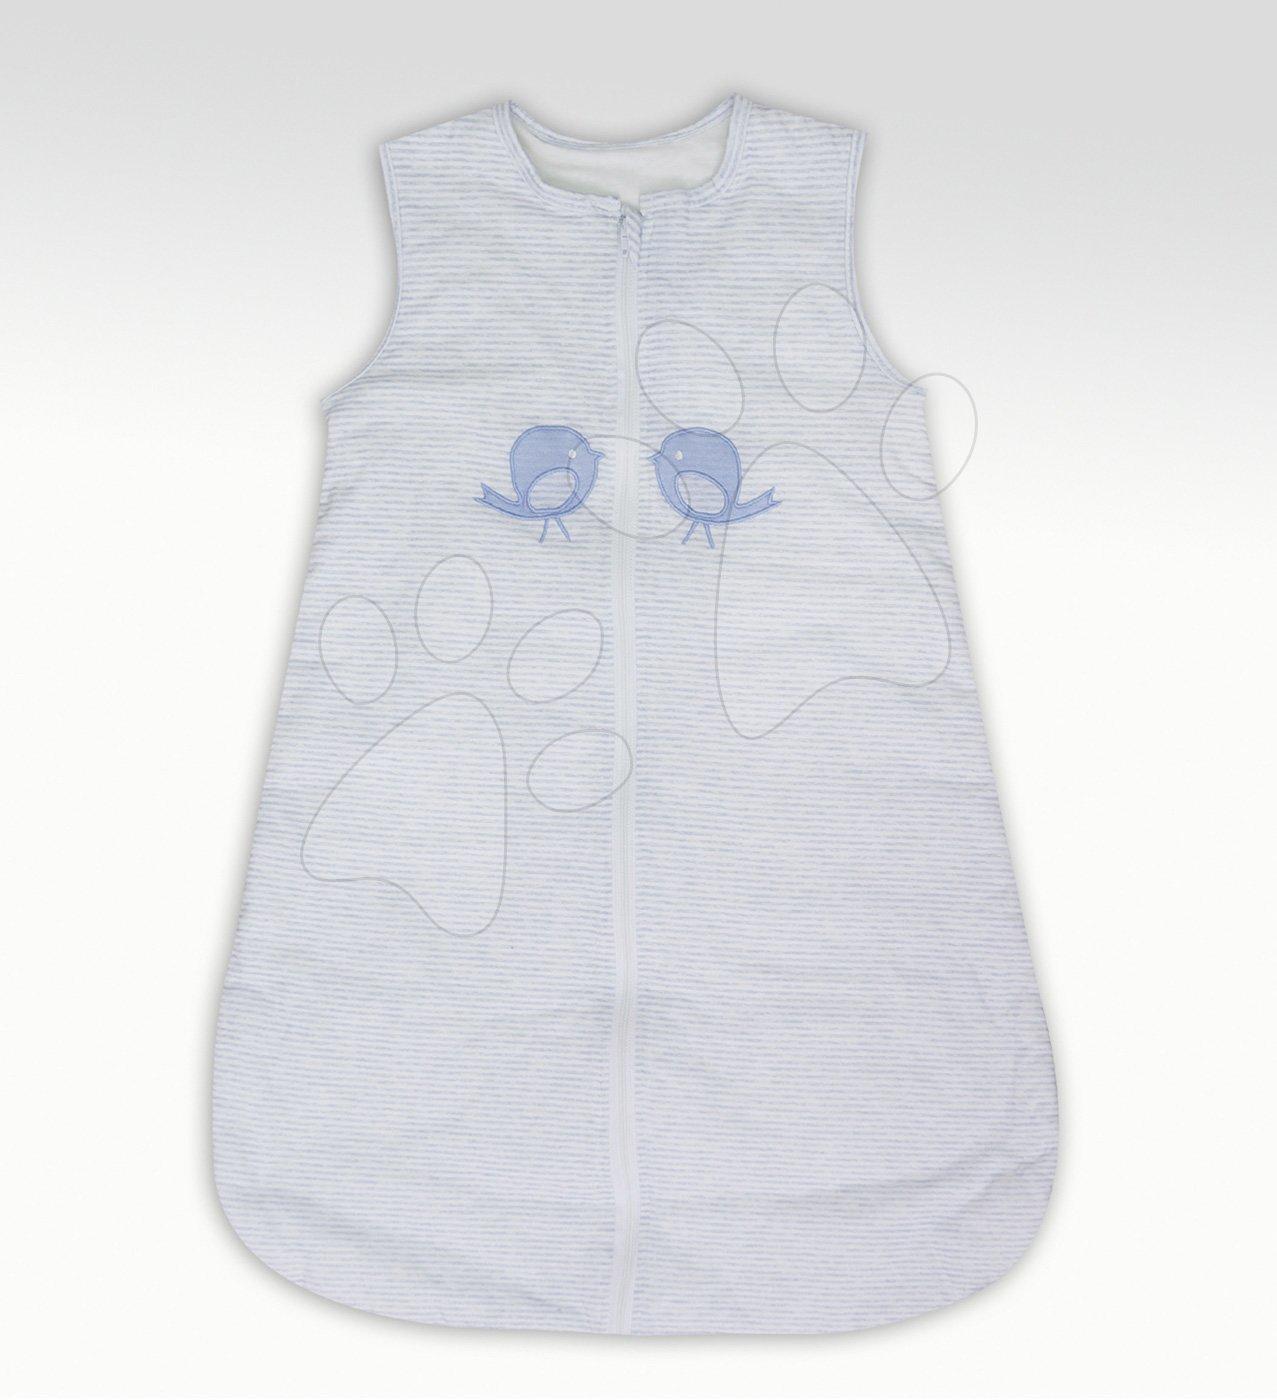 Spací vak pre bábätká Classic toTs-smarTrike vtáčiky 100% jersey bavlna modrý zimný od 6 mesiacov